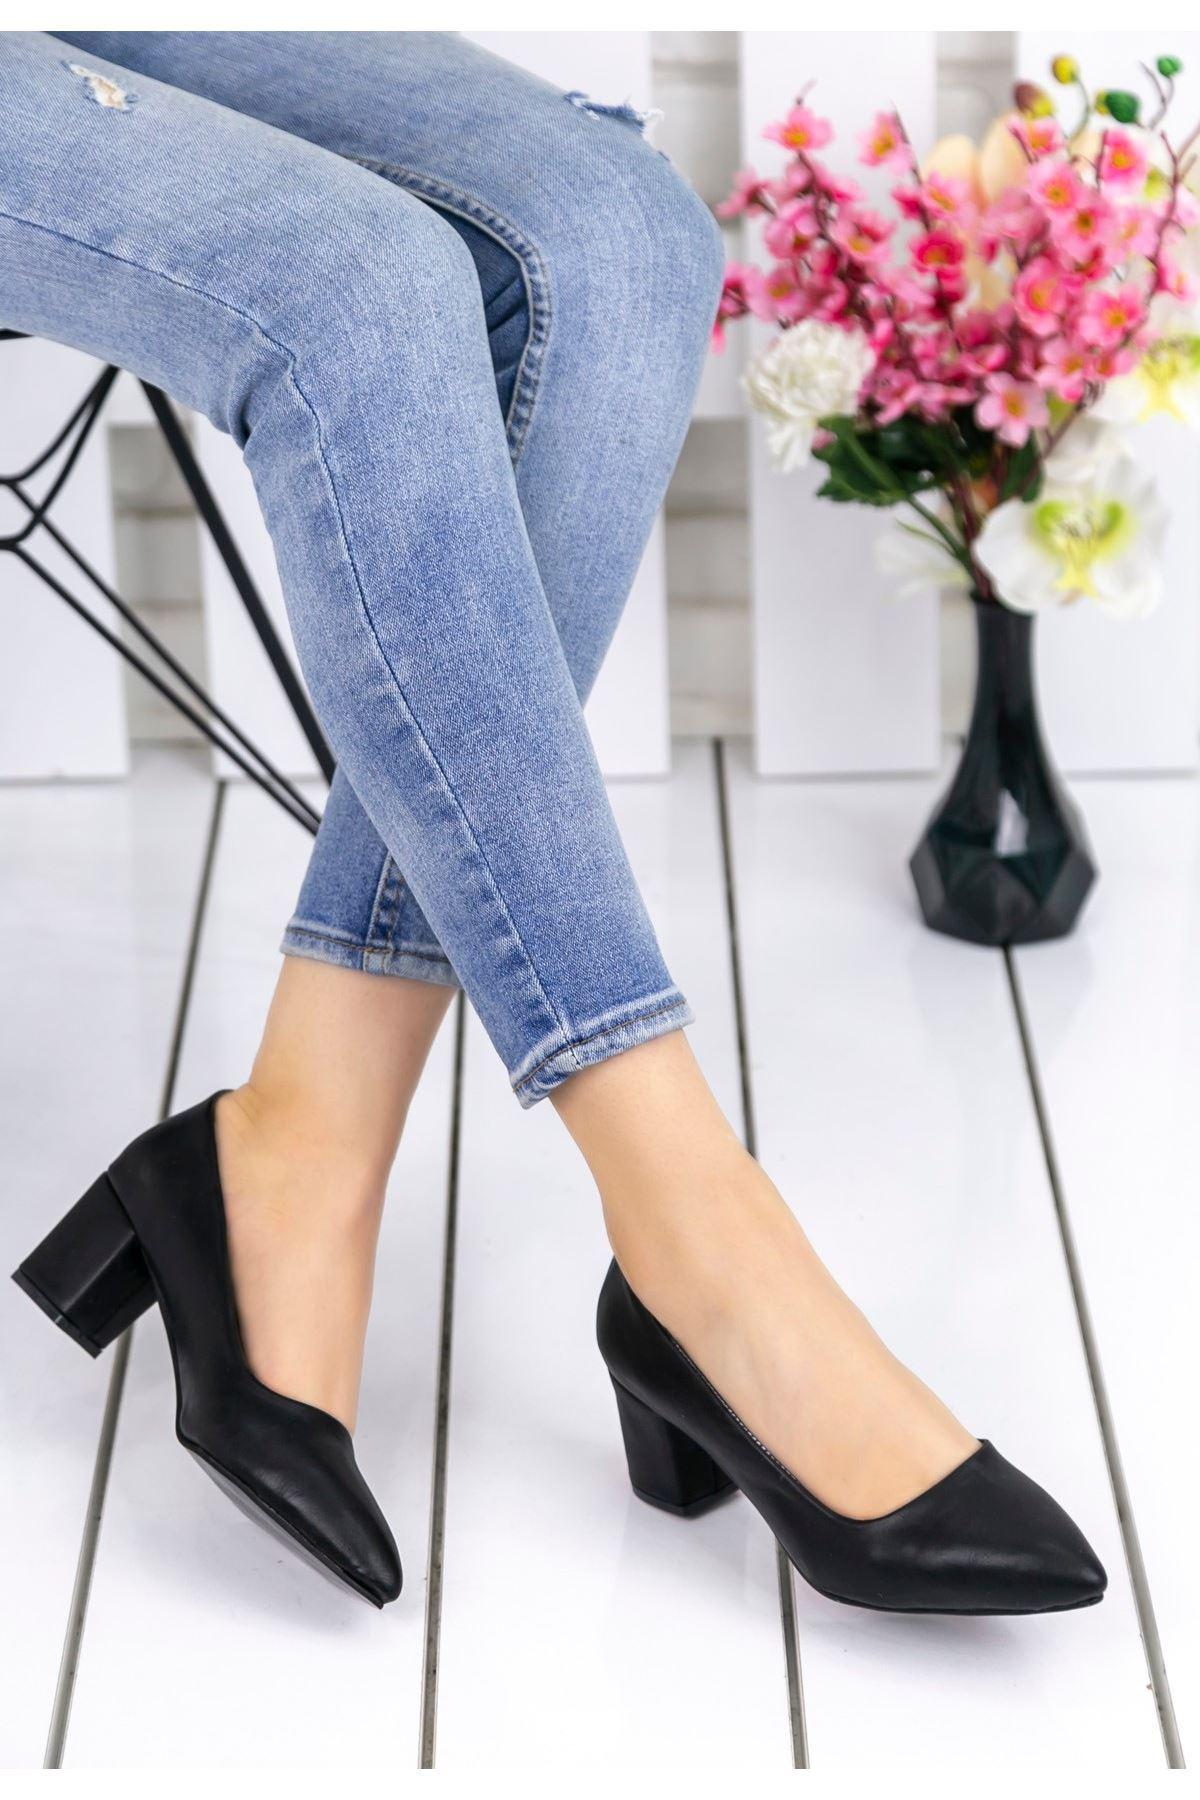 Sever Siyah Cilt Topuklu Bayan Ayakkabı